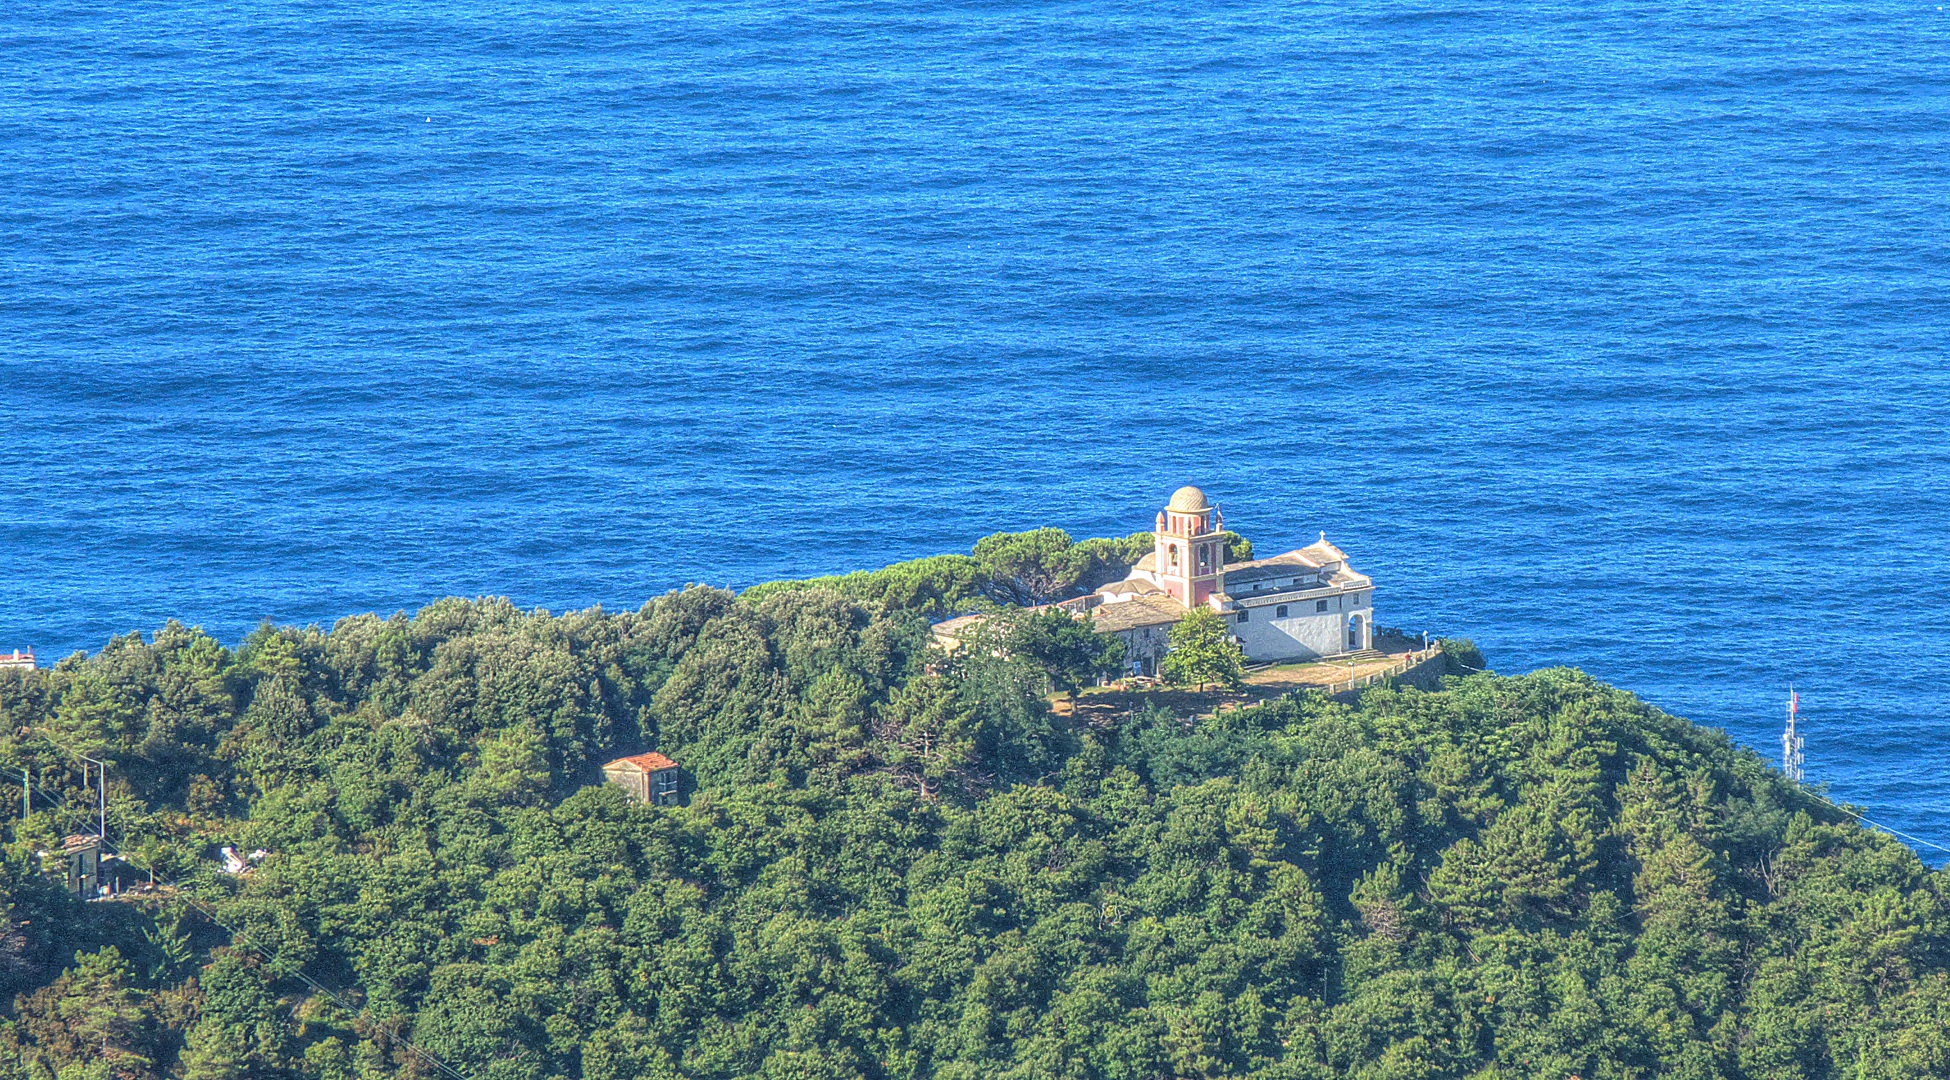 Il santuario di Nostra Signora di Montenero a Riomaggiore, nelle Cinque Terre (Terensky'Panoramio'Wikicommons)